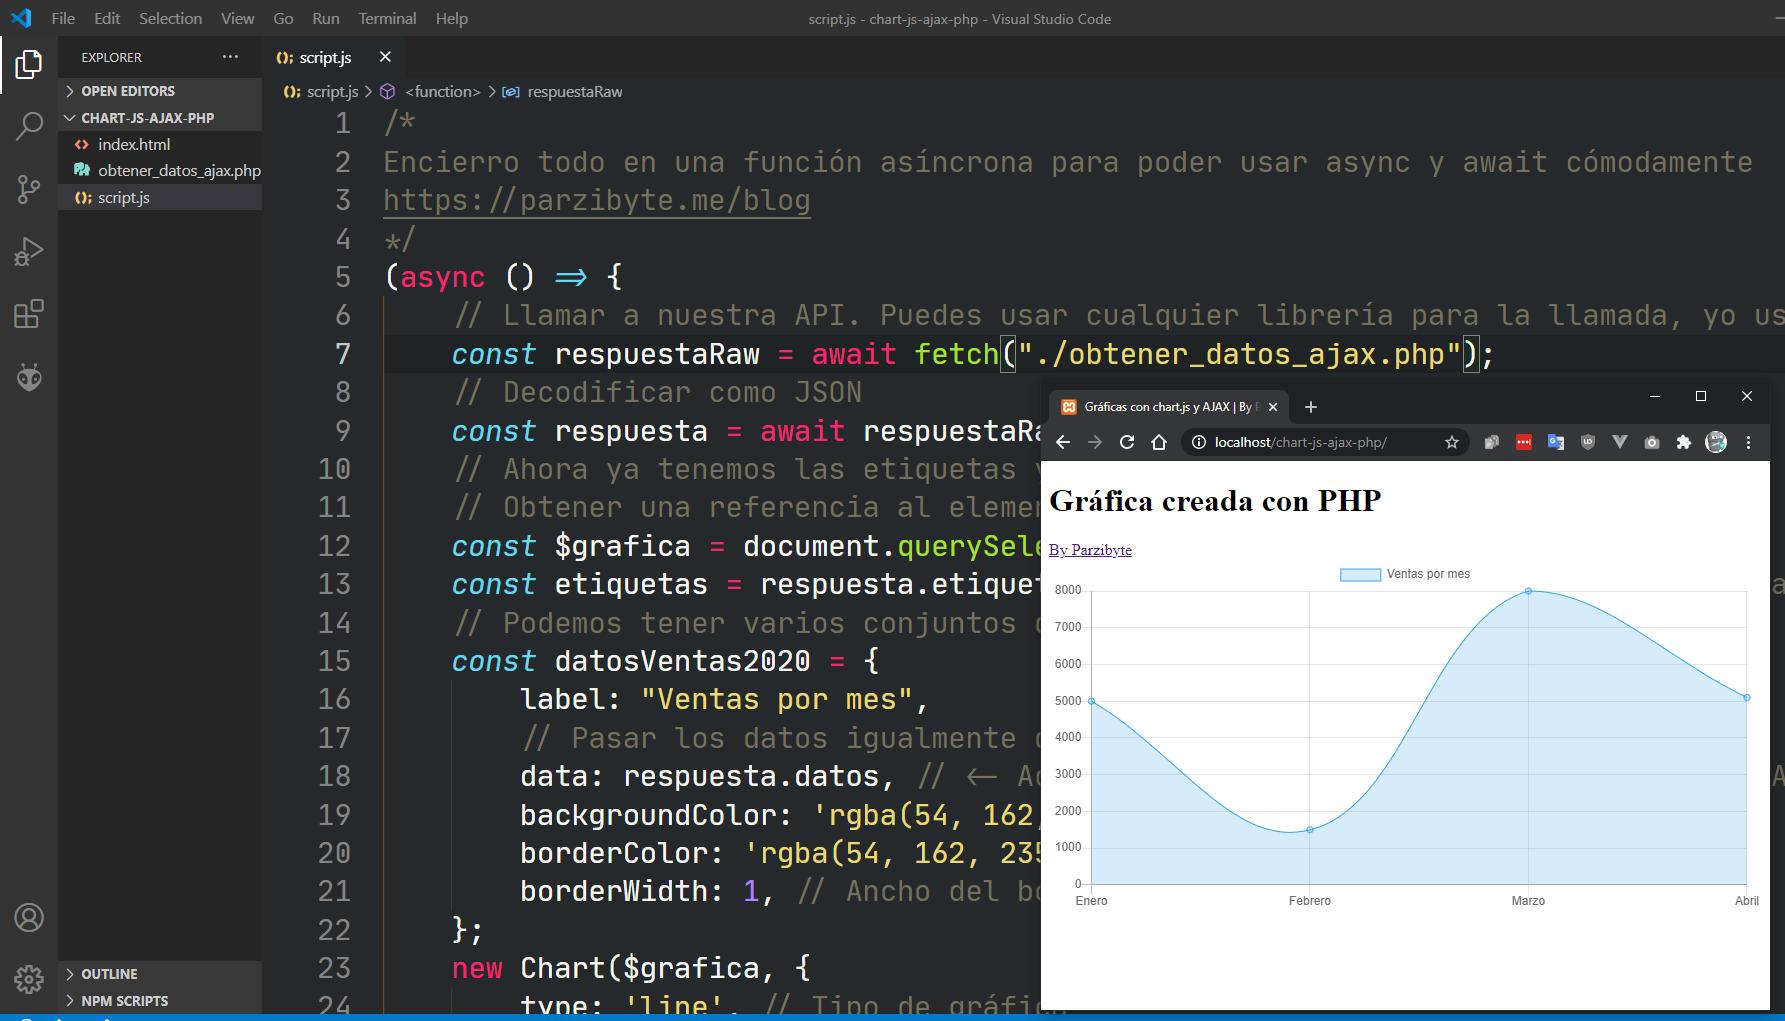 AJAX, PHP y Chart.js para crear gráficas en la web